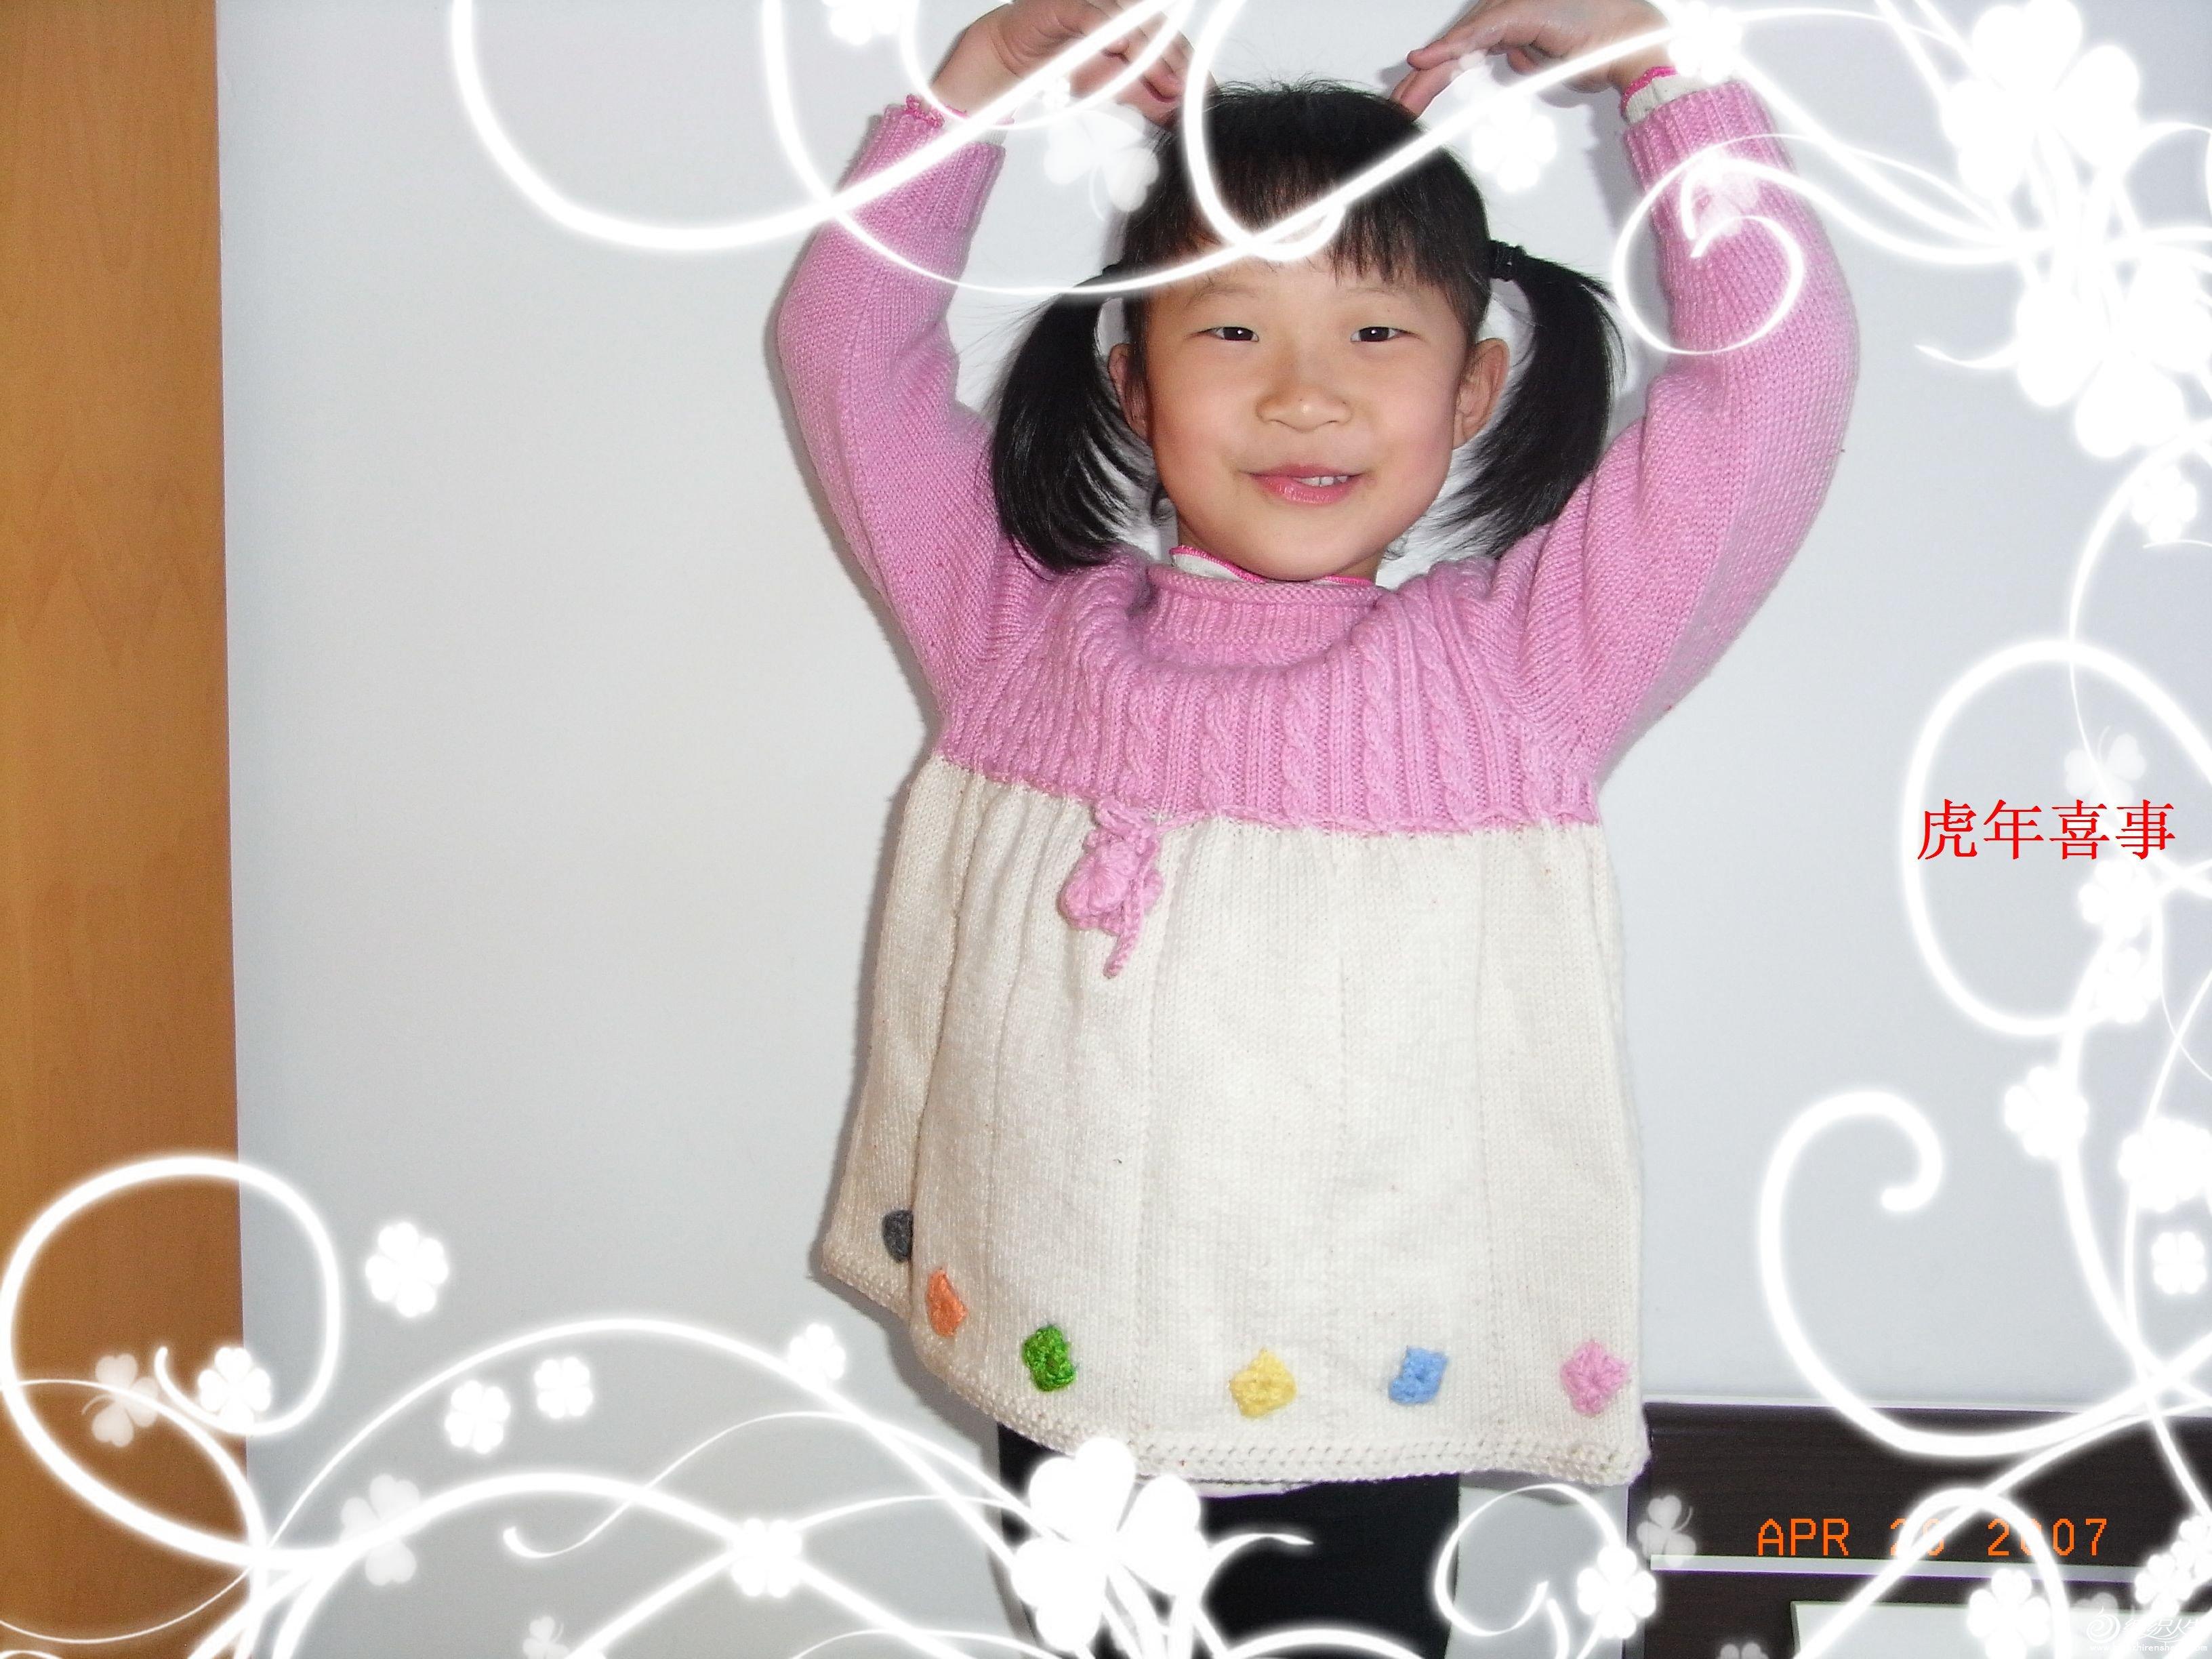 韩版衣2.jpg